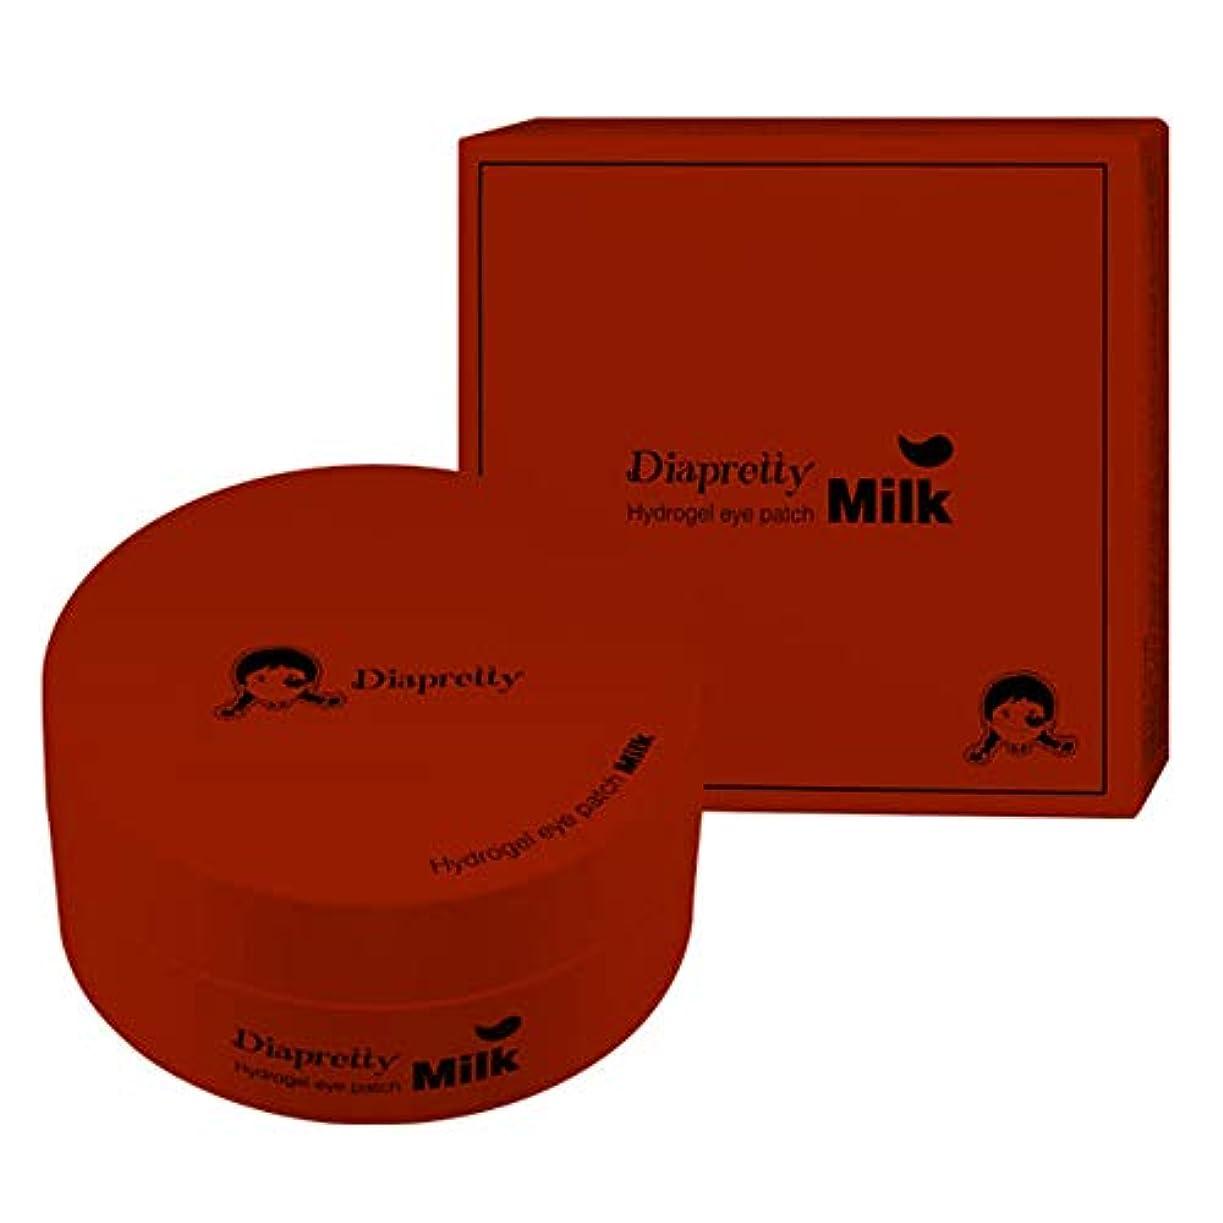 思春期の洋服絶望的な[ダイアプリティ] ハイドロゲルア イパッチ (Red Ginseng) 60枚, [Diapretty] Hydrogel Eyepatch(Red Ginseng) 60pieces